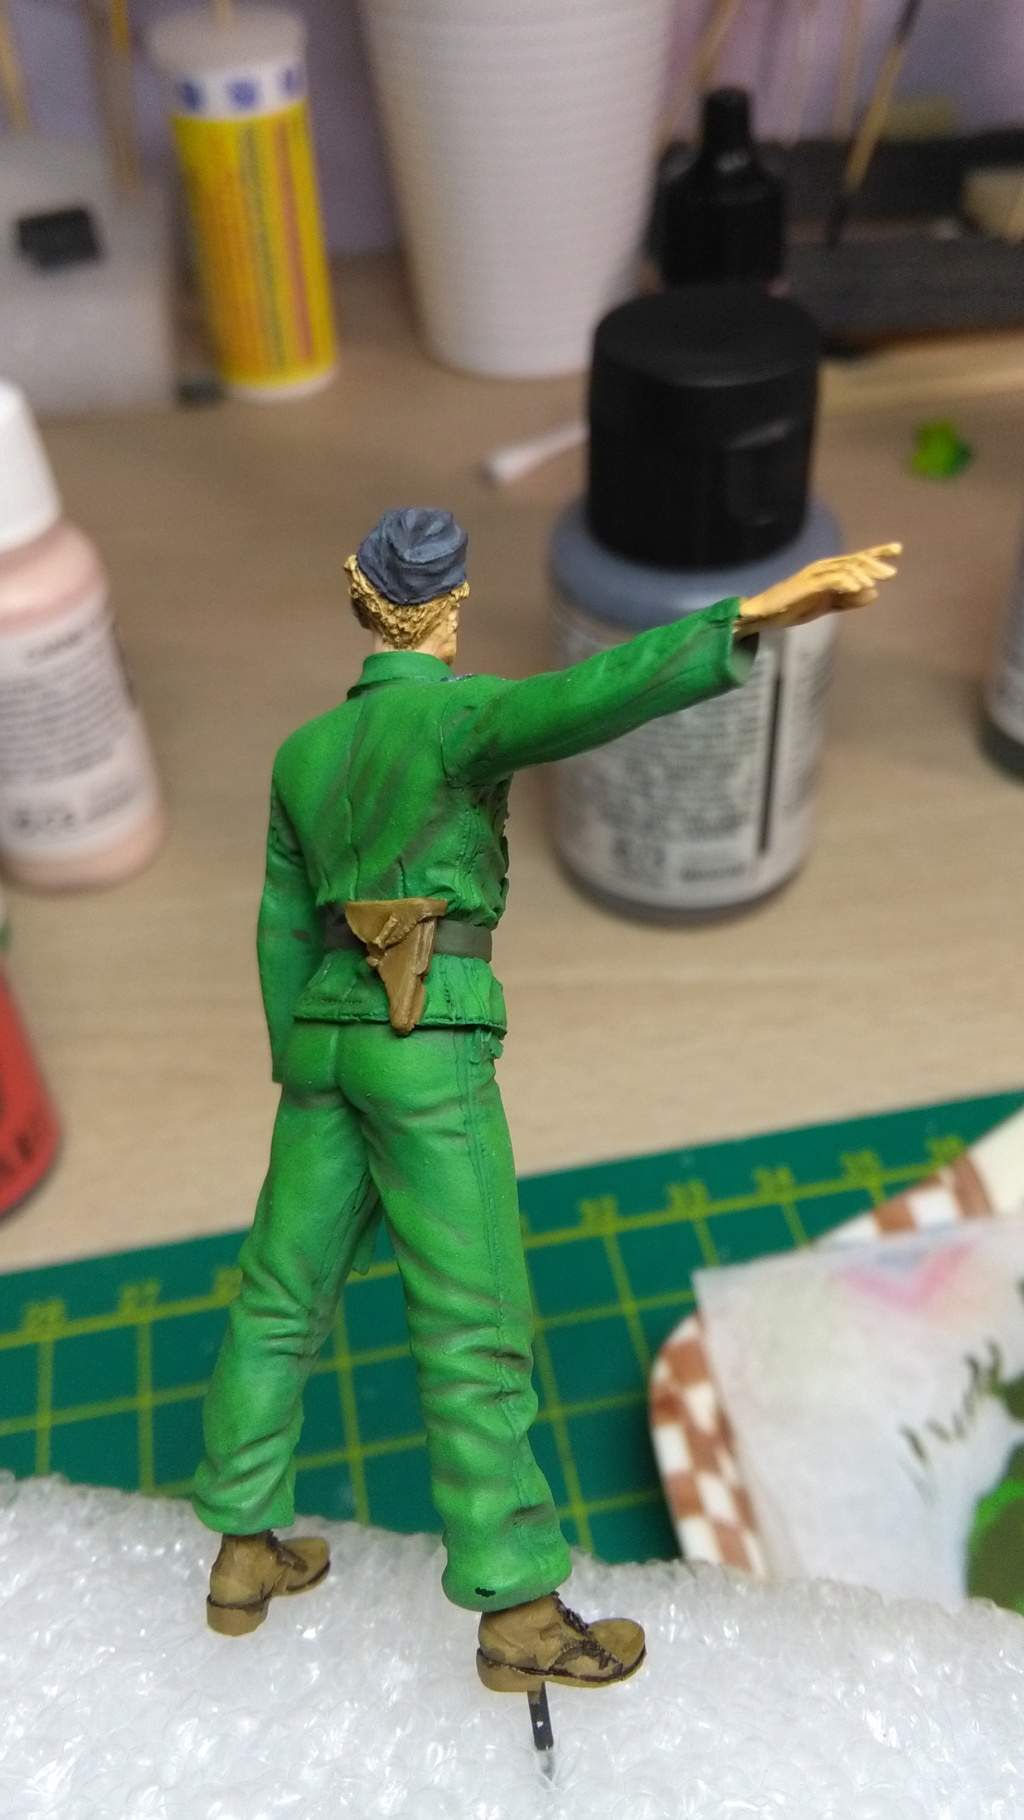 TUTO _ Peindre une figurine à l'acrylique _ 1/35  - Page 7 Img_2243